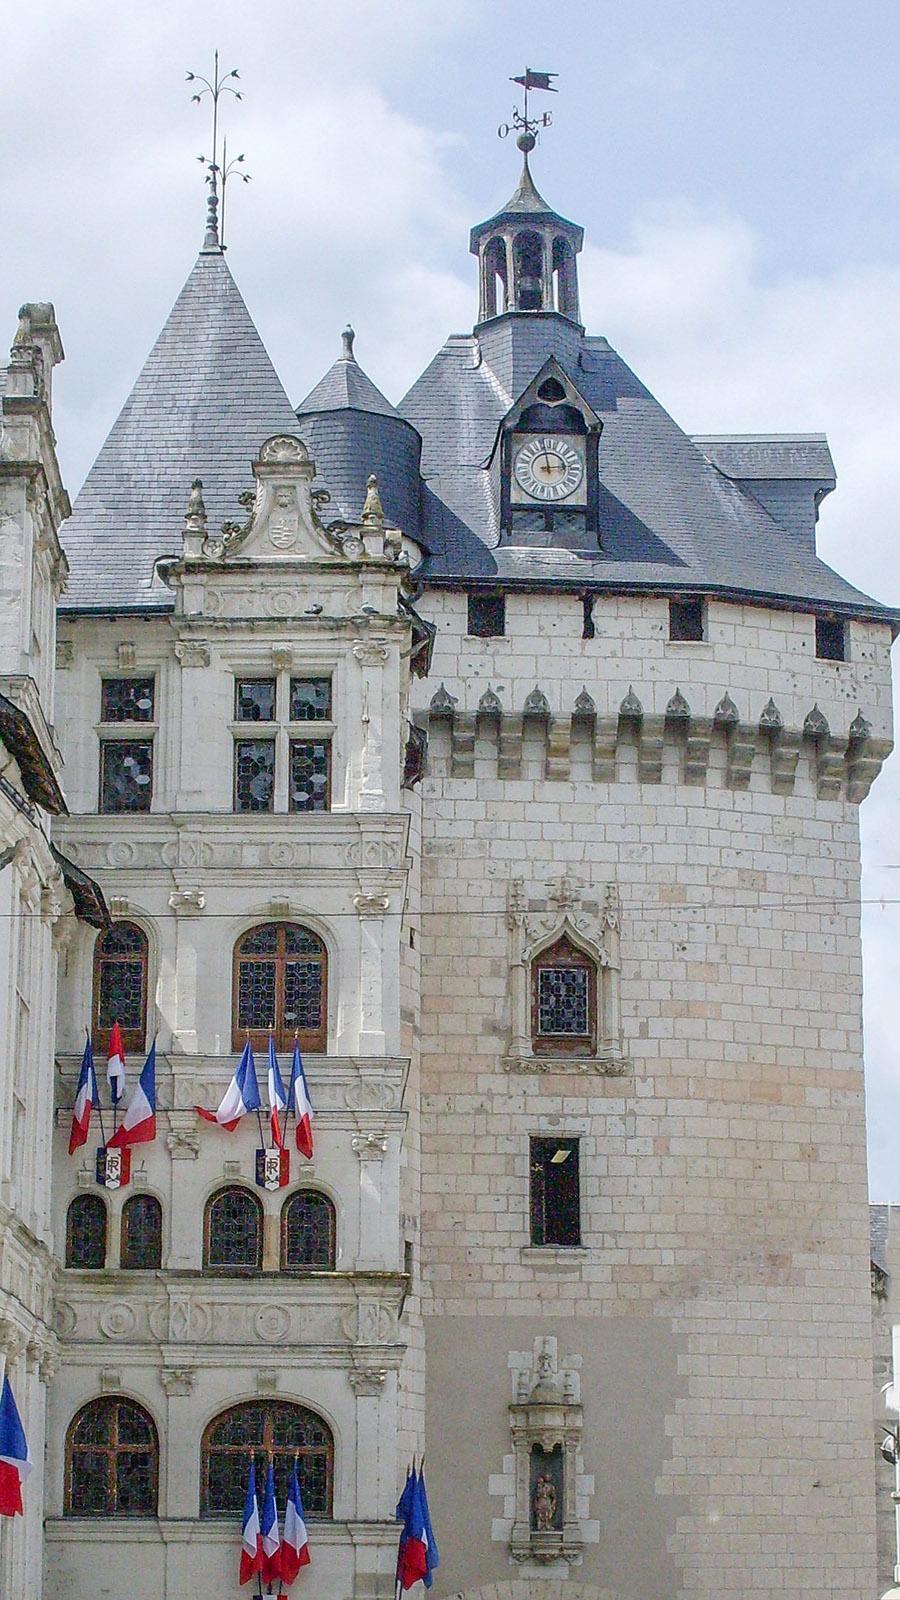 Loiretal der Schlösser: eine royale Cité: Loches. Foto: Hilke Maunder